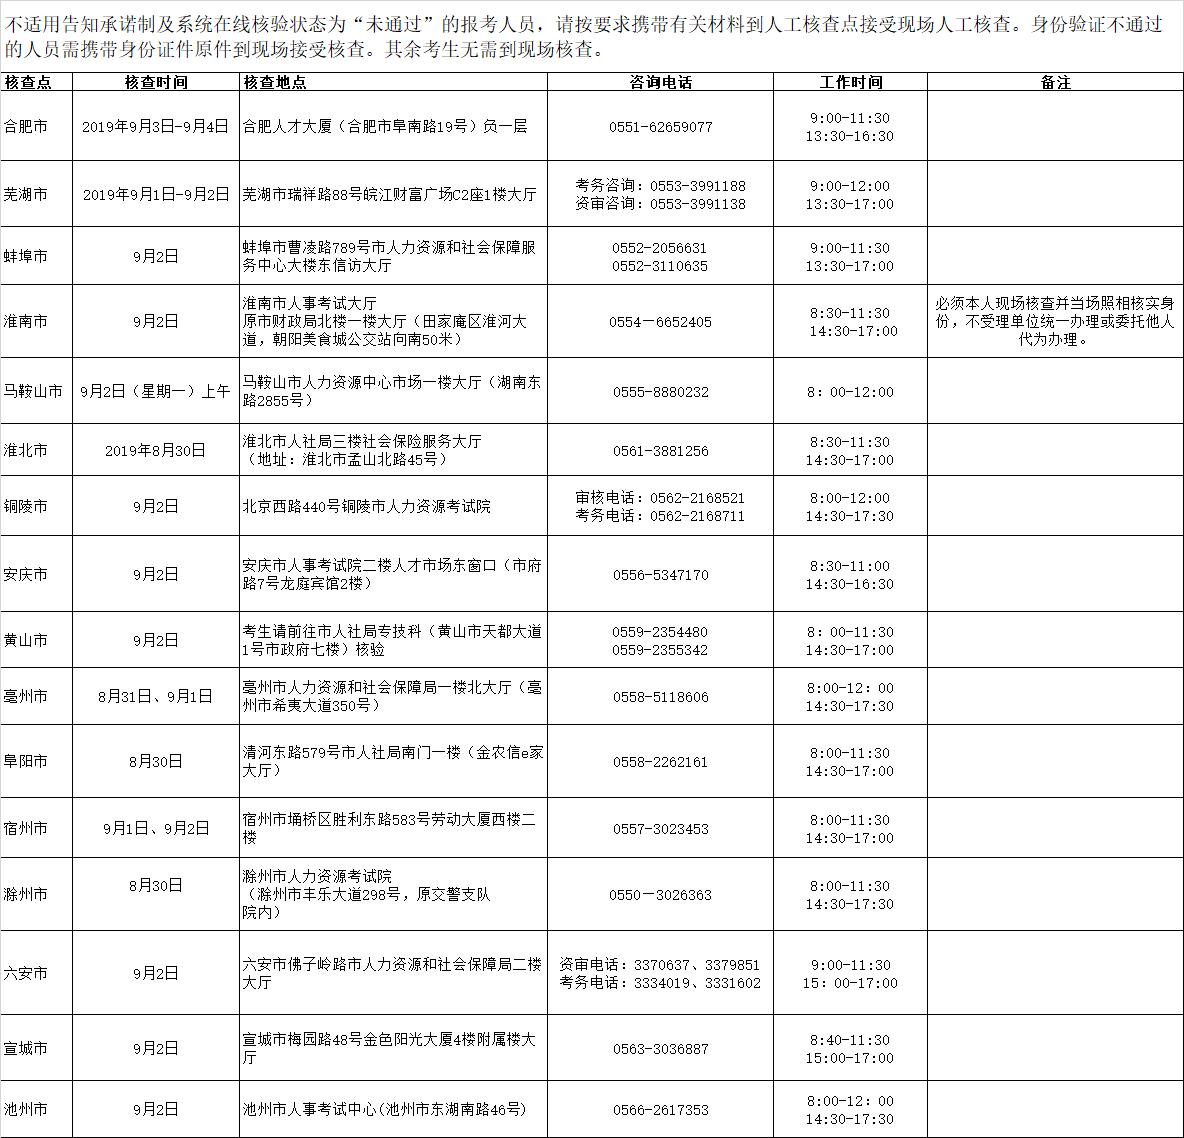 安徽2019年执业药师考试现场人工核查安排公示